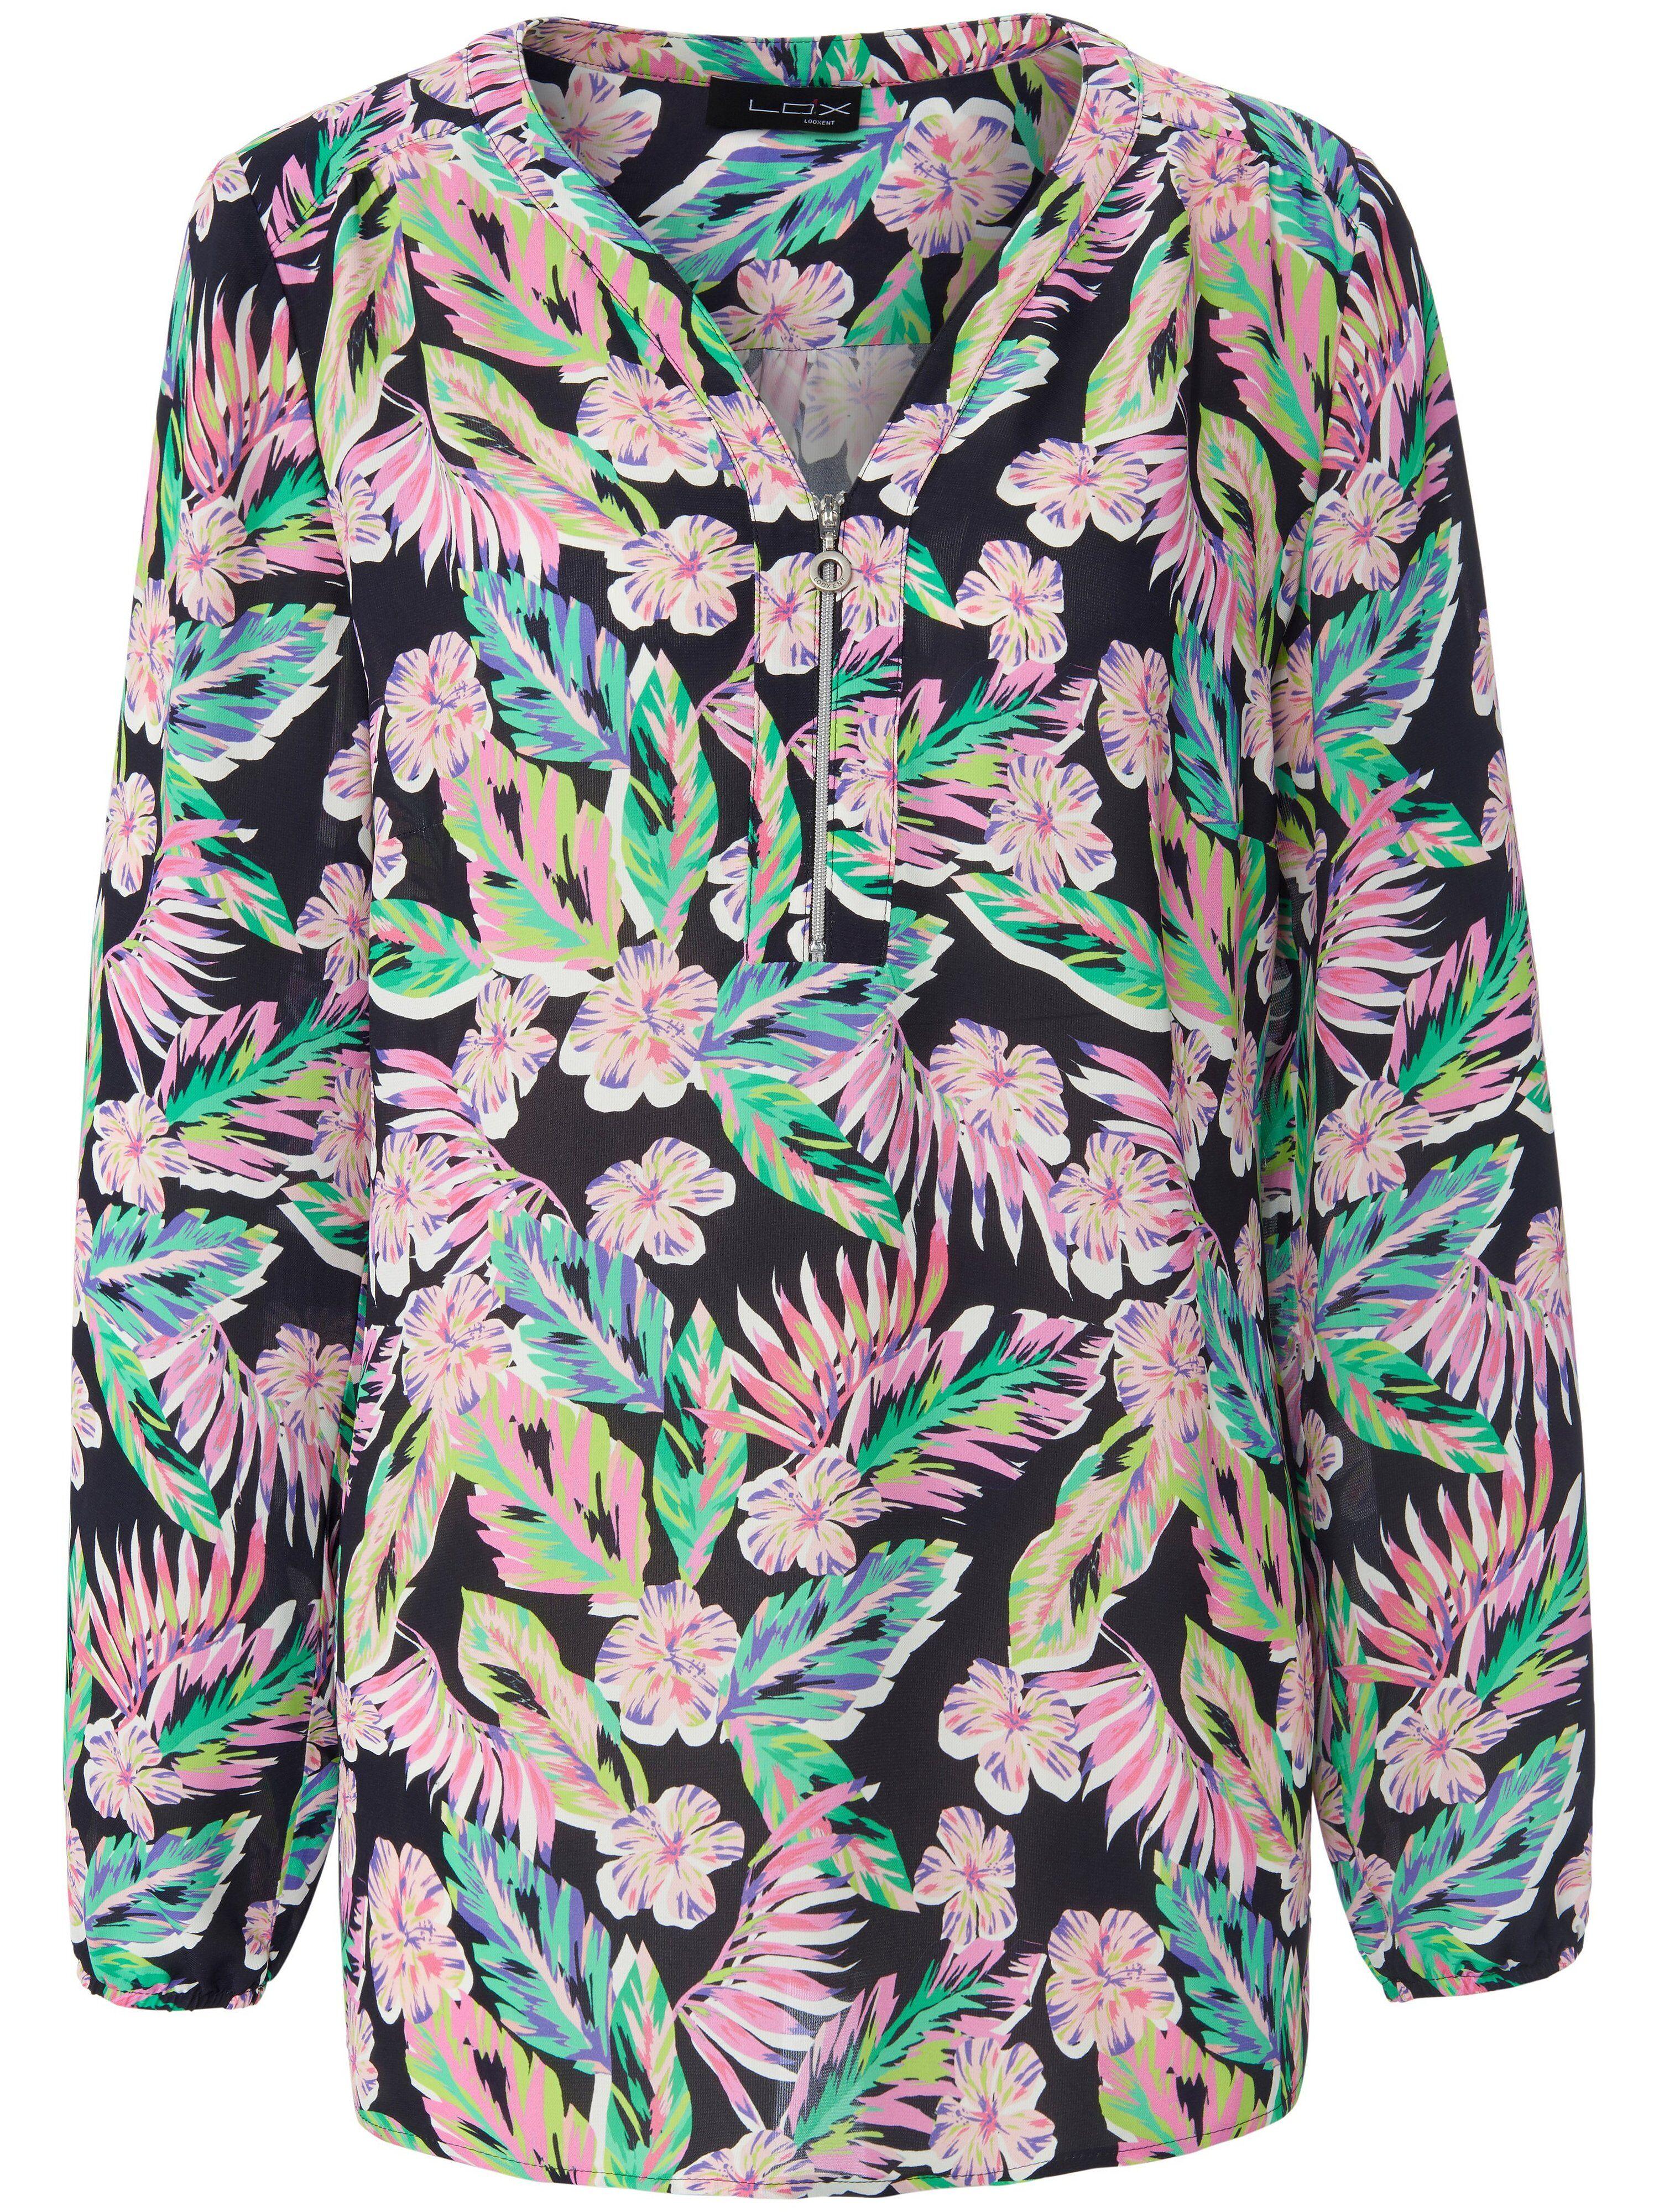 Looxent La tunique ligne longue  Looxent multicolore  - Femme - 38